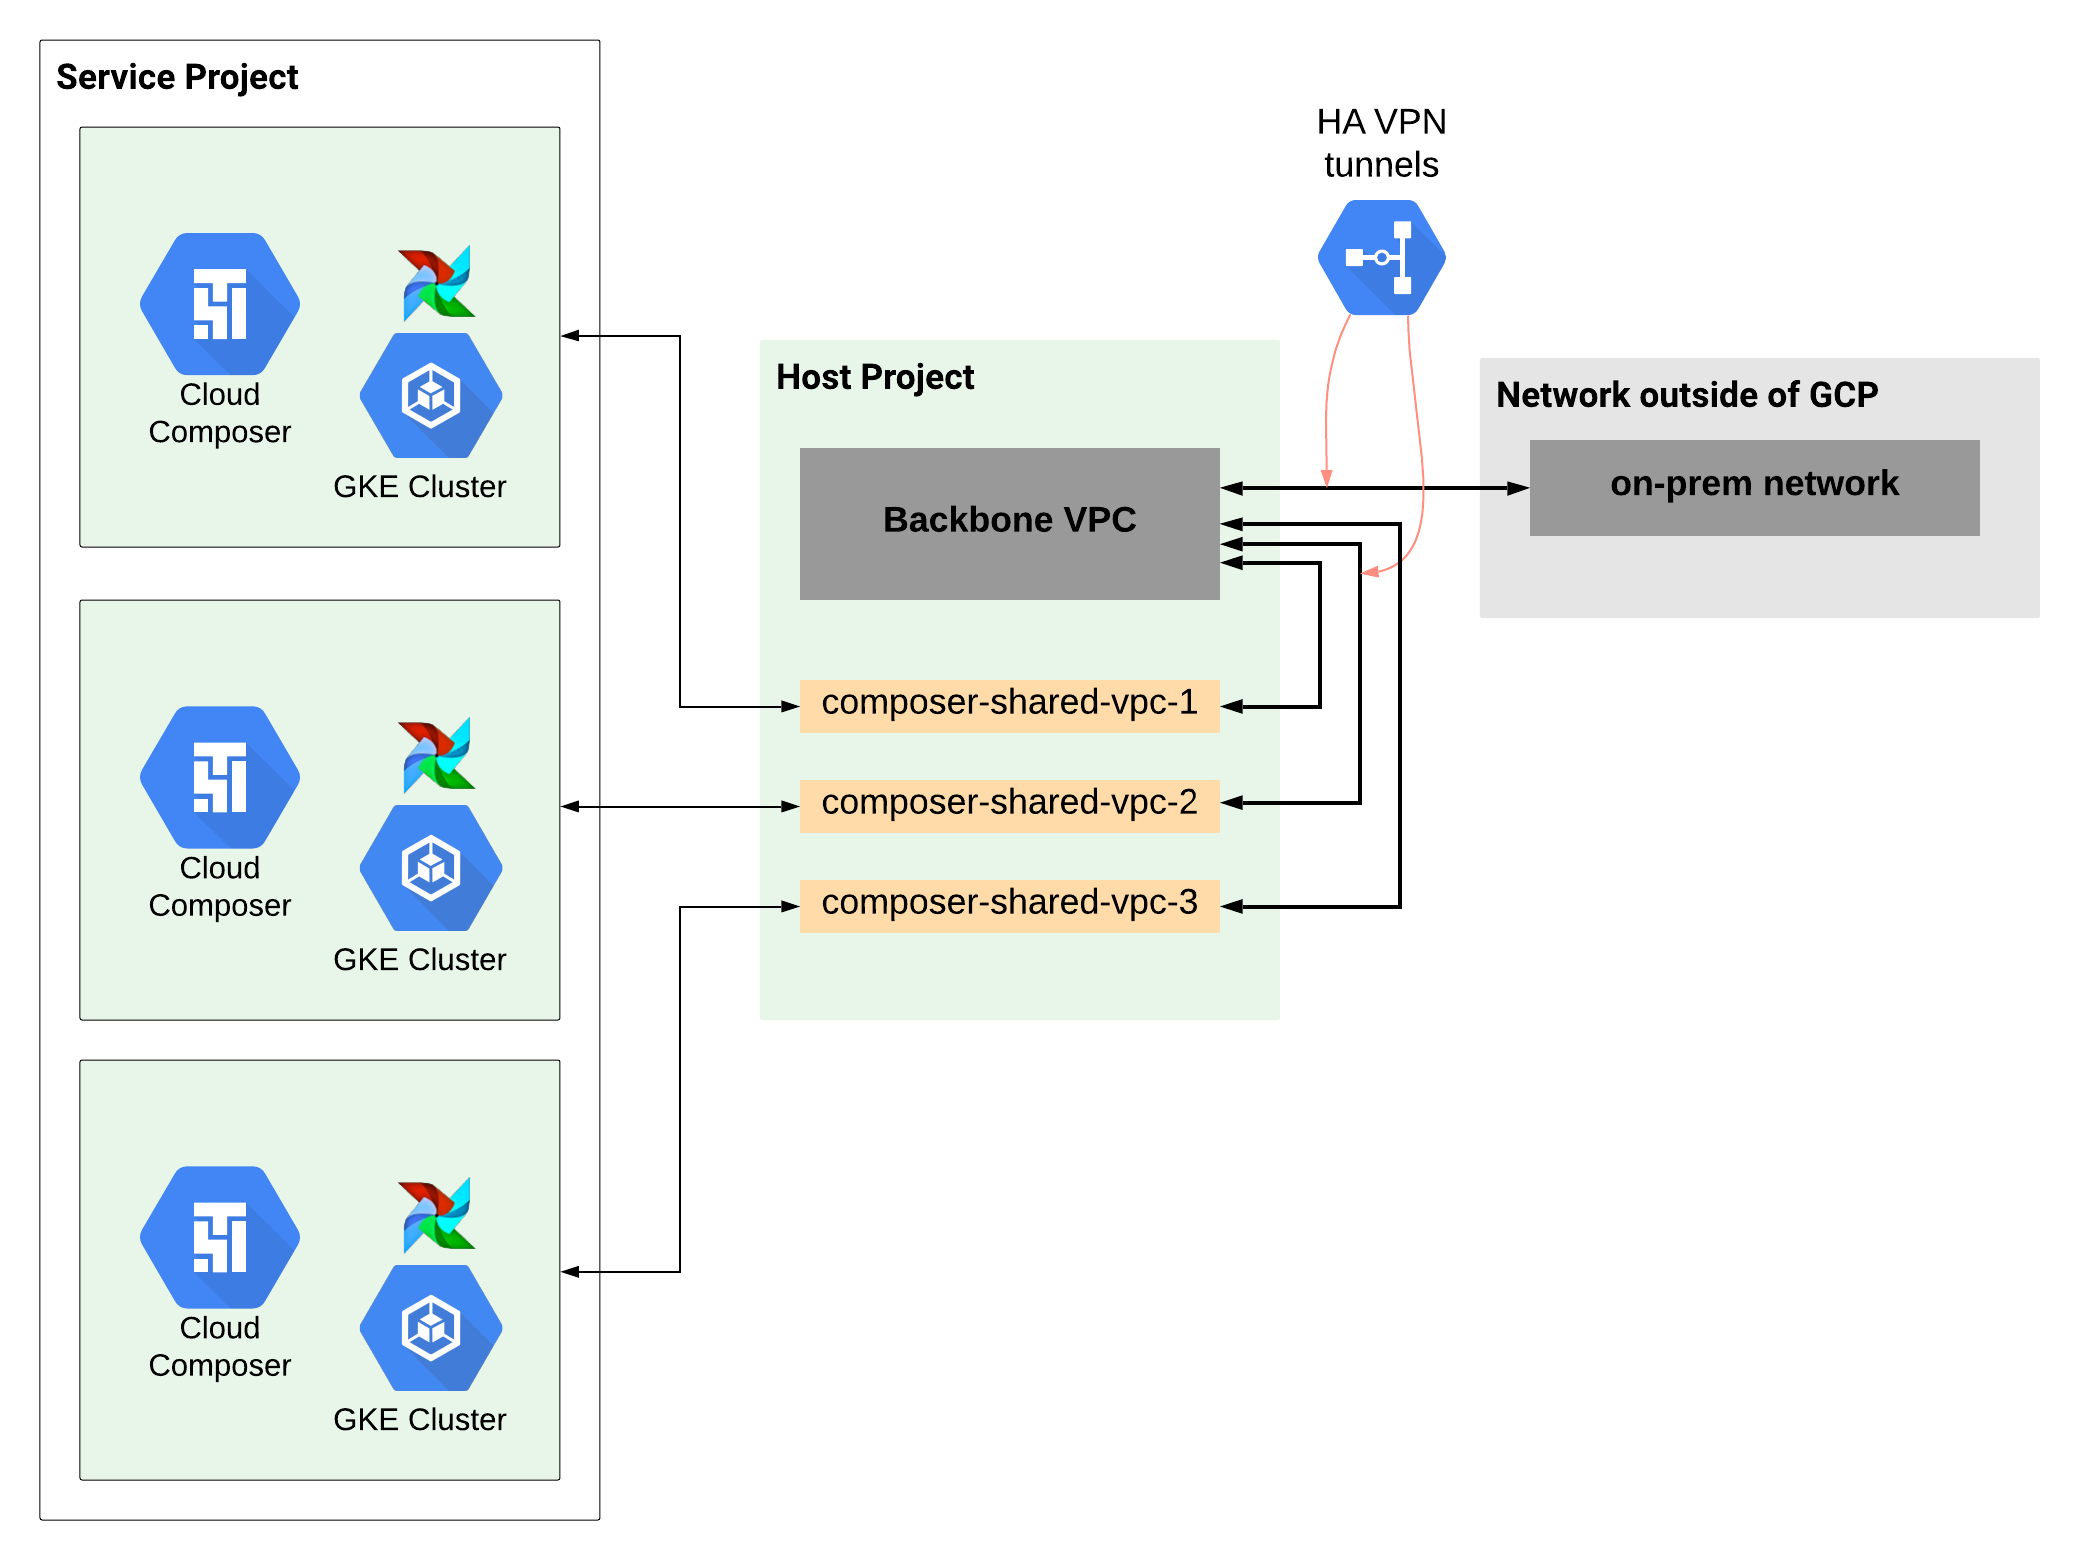 共享 VPC 场景中的大规模网络设置